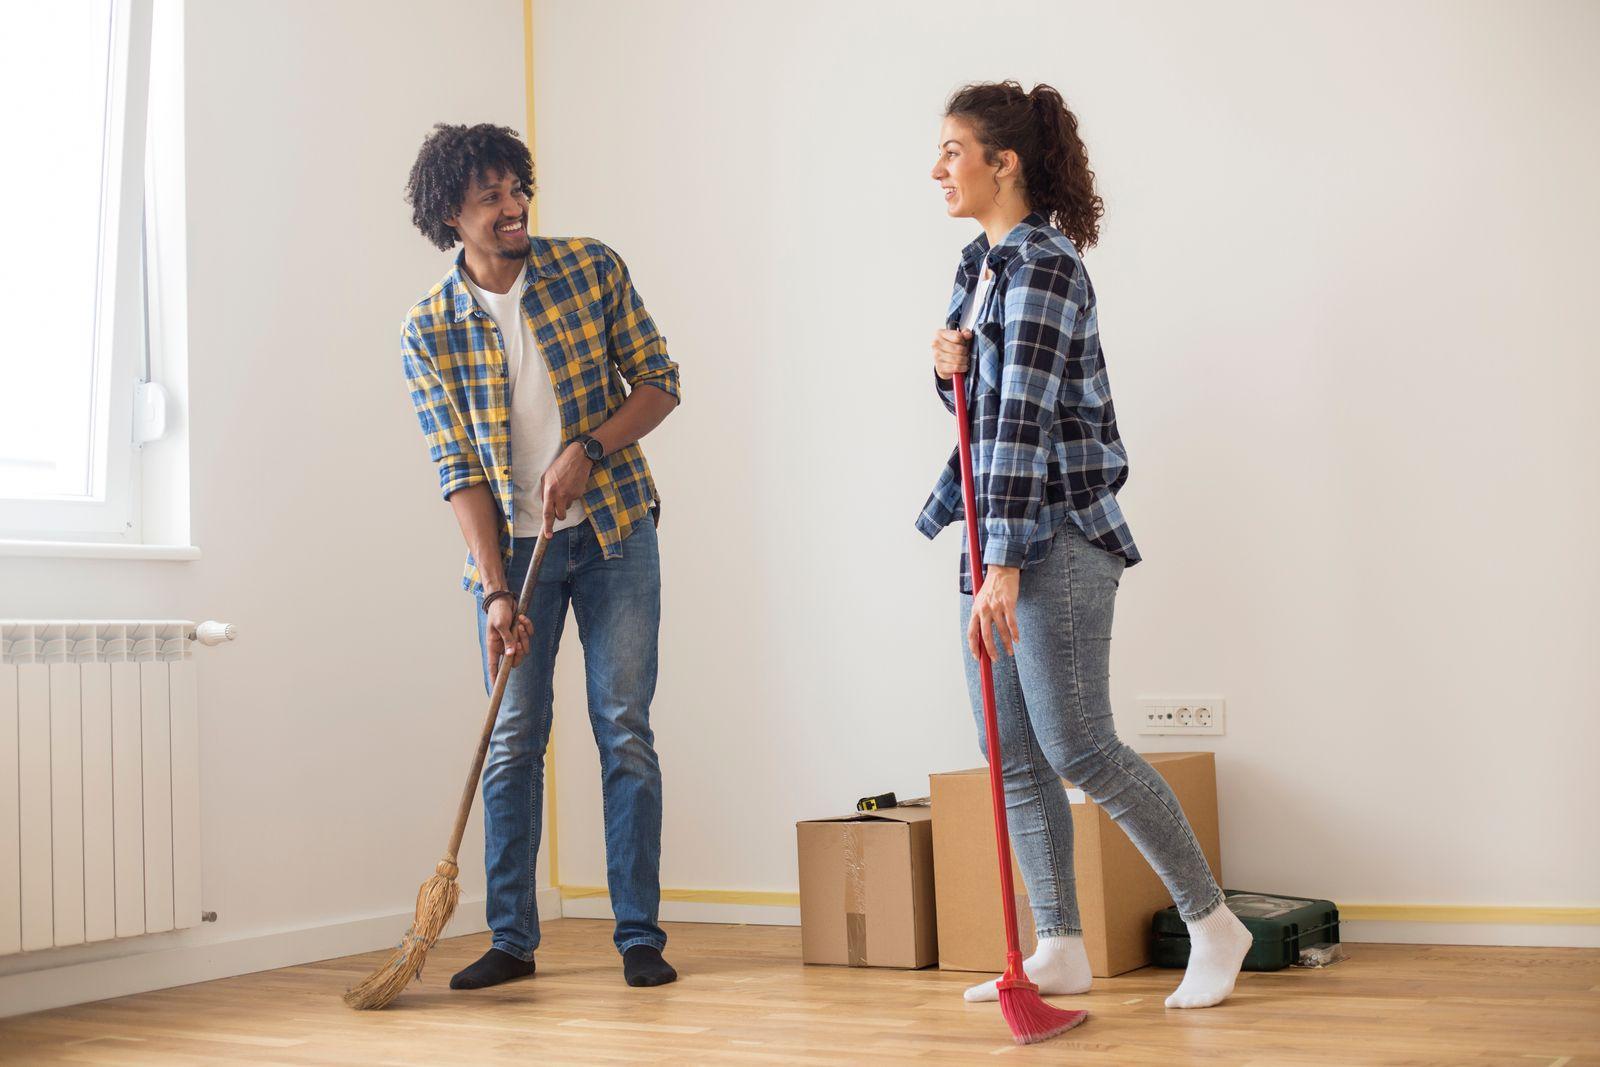 passer le balai dans un nouvel appartement après un déménagement